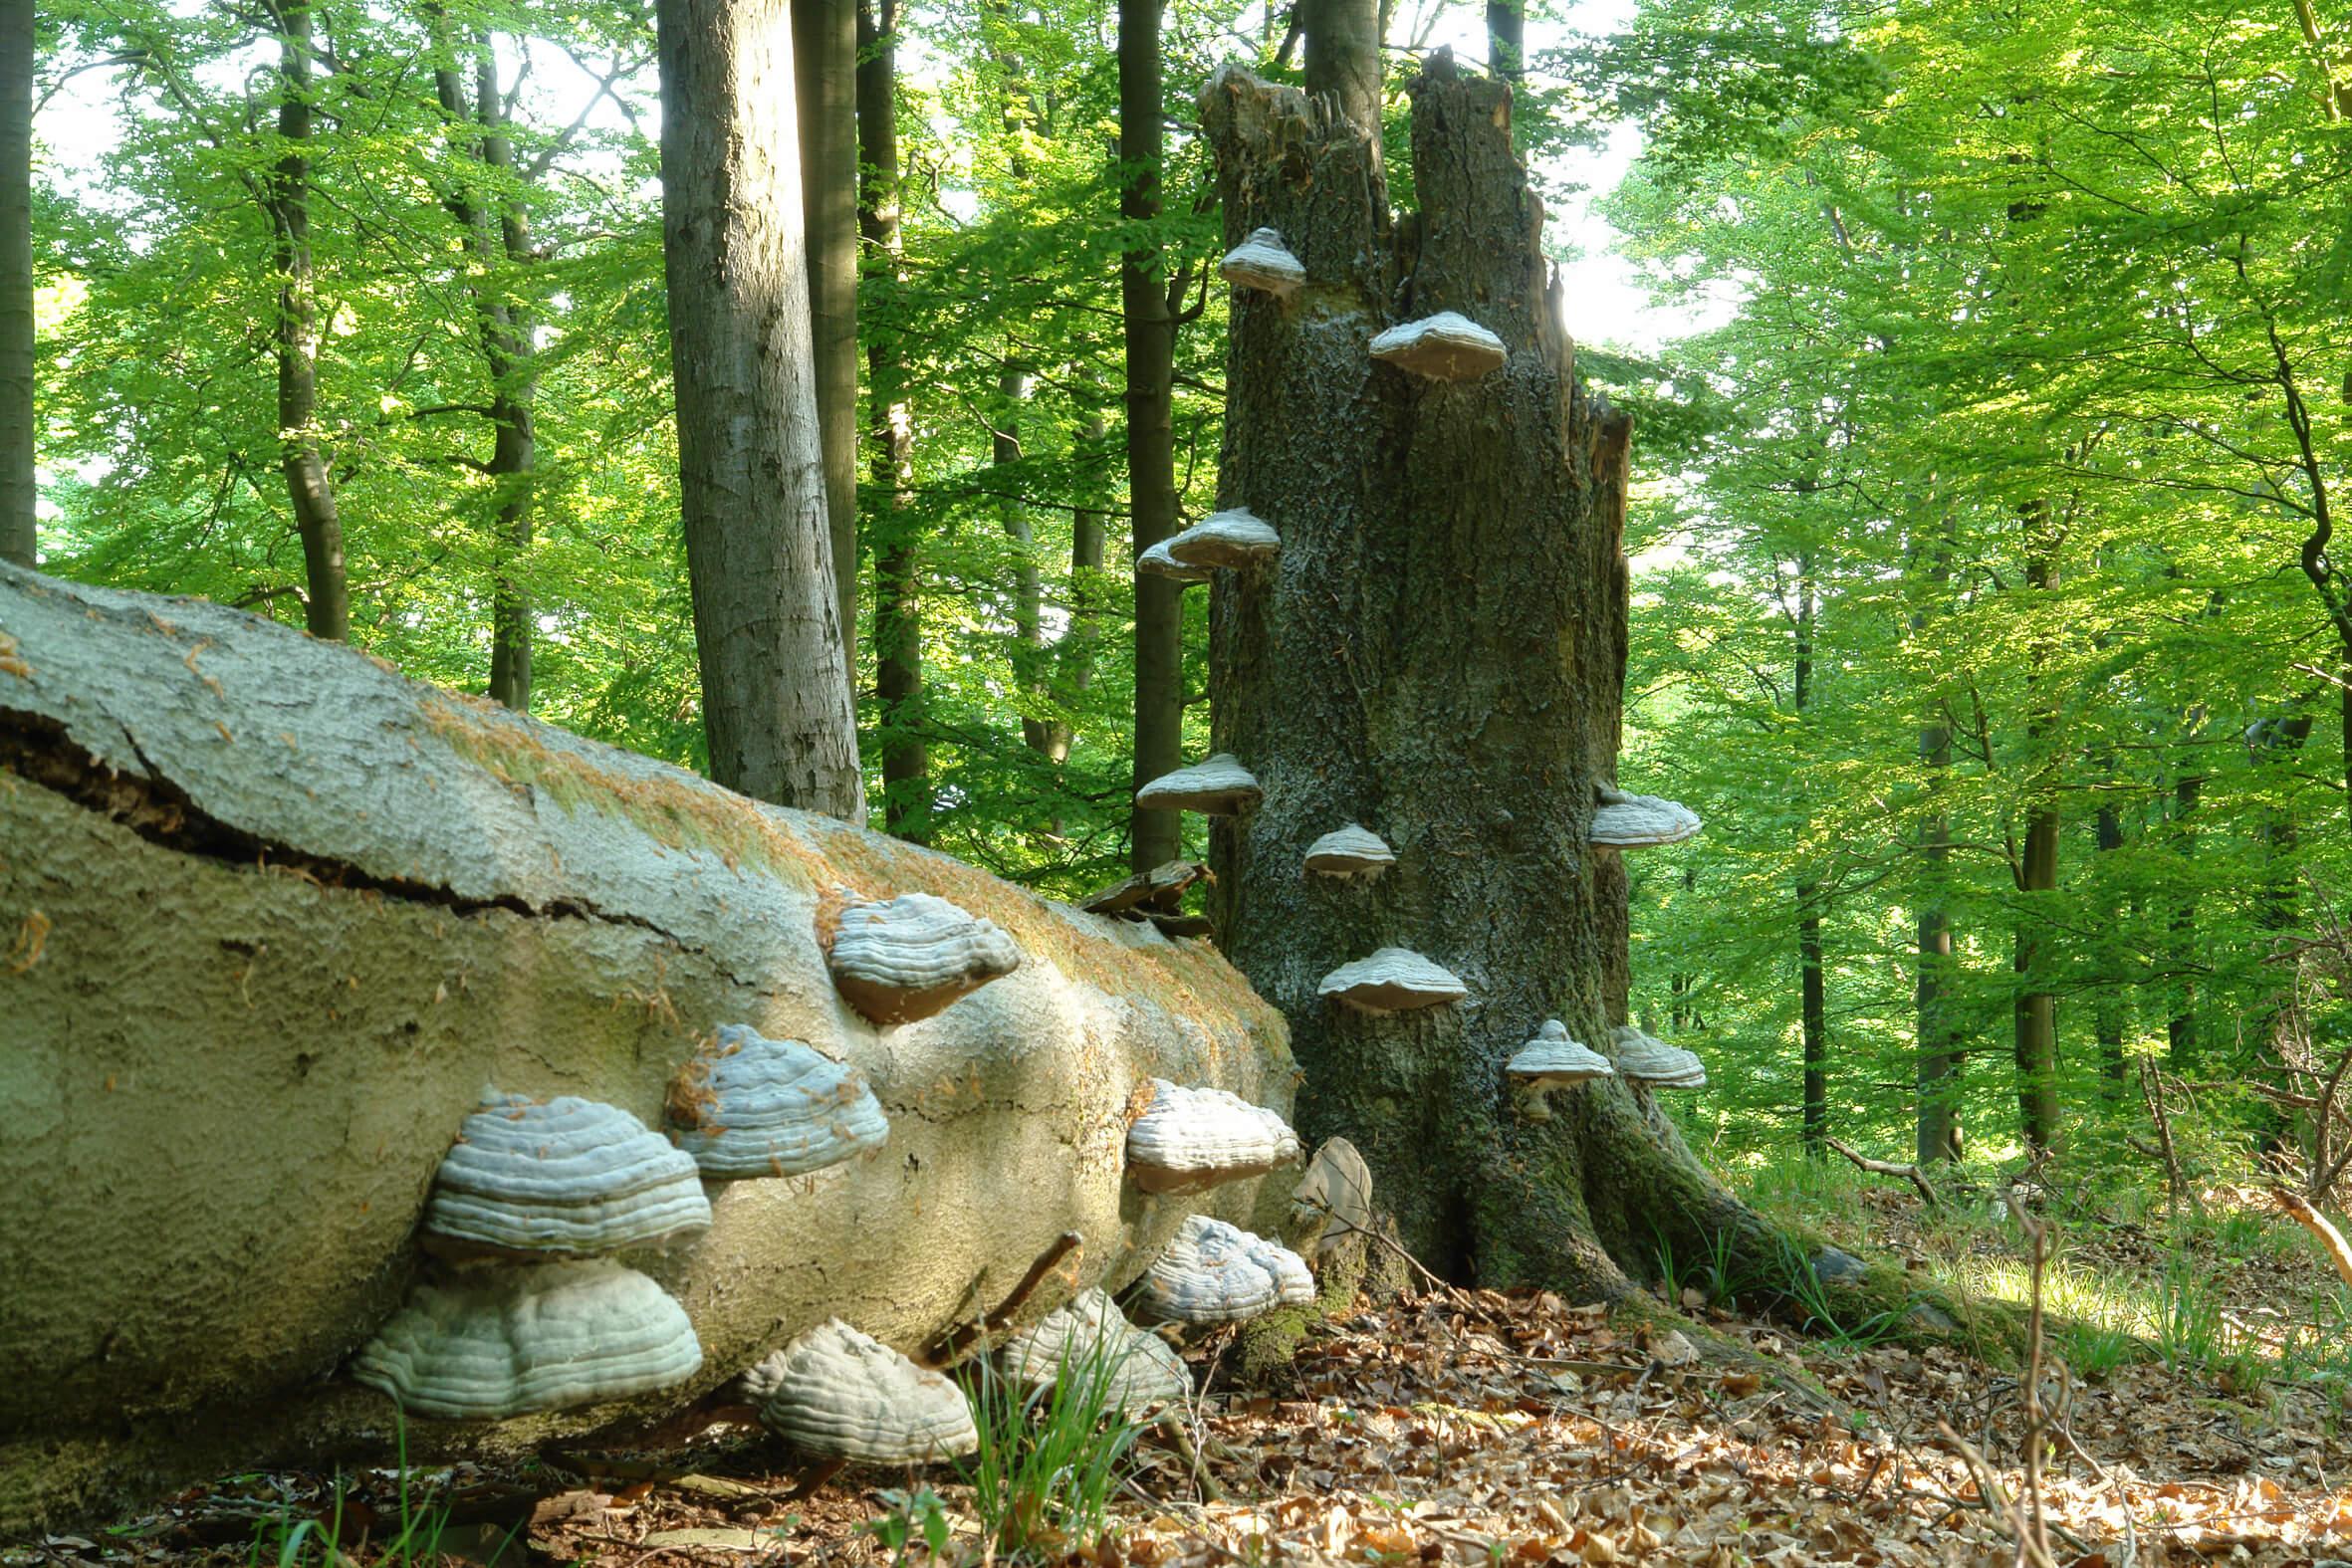 Nationalpark Kellerwald-Edersee - Baumpilze Ahornkopf